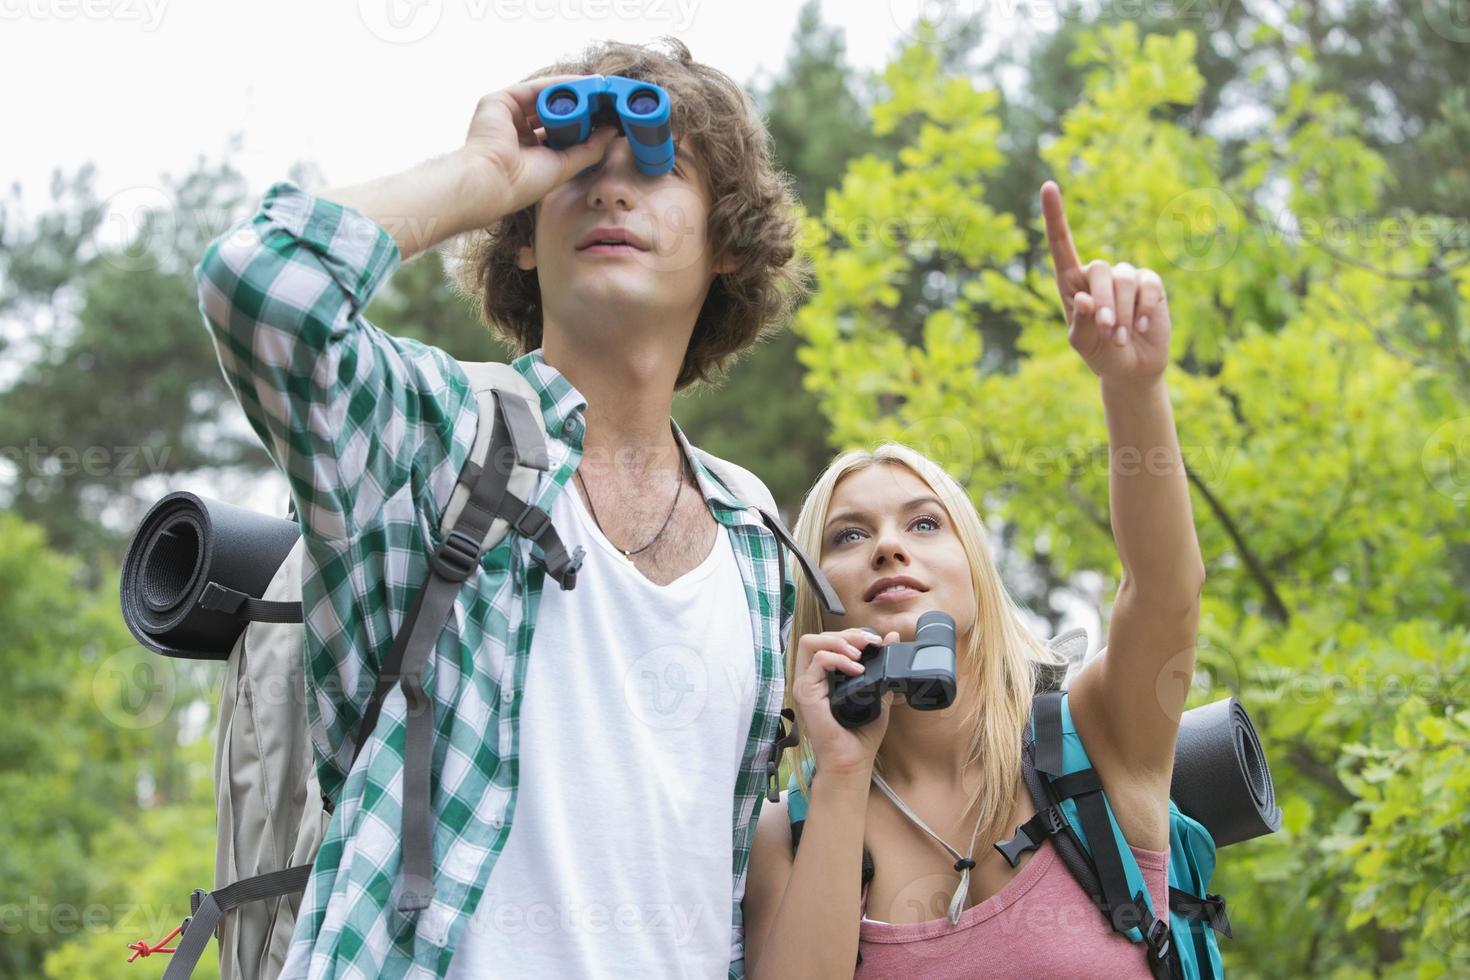 excursionista masculino utilizando binoculares mientras novia mostrando algo en el bosque foto